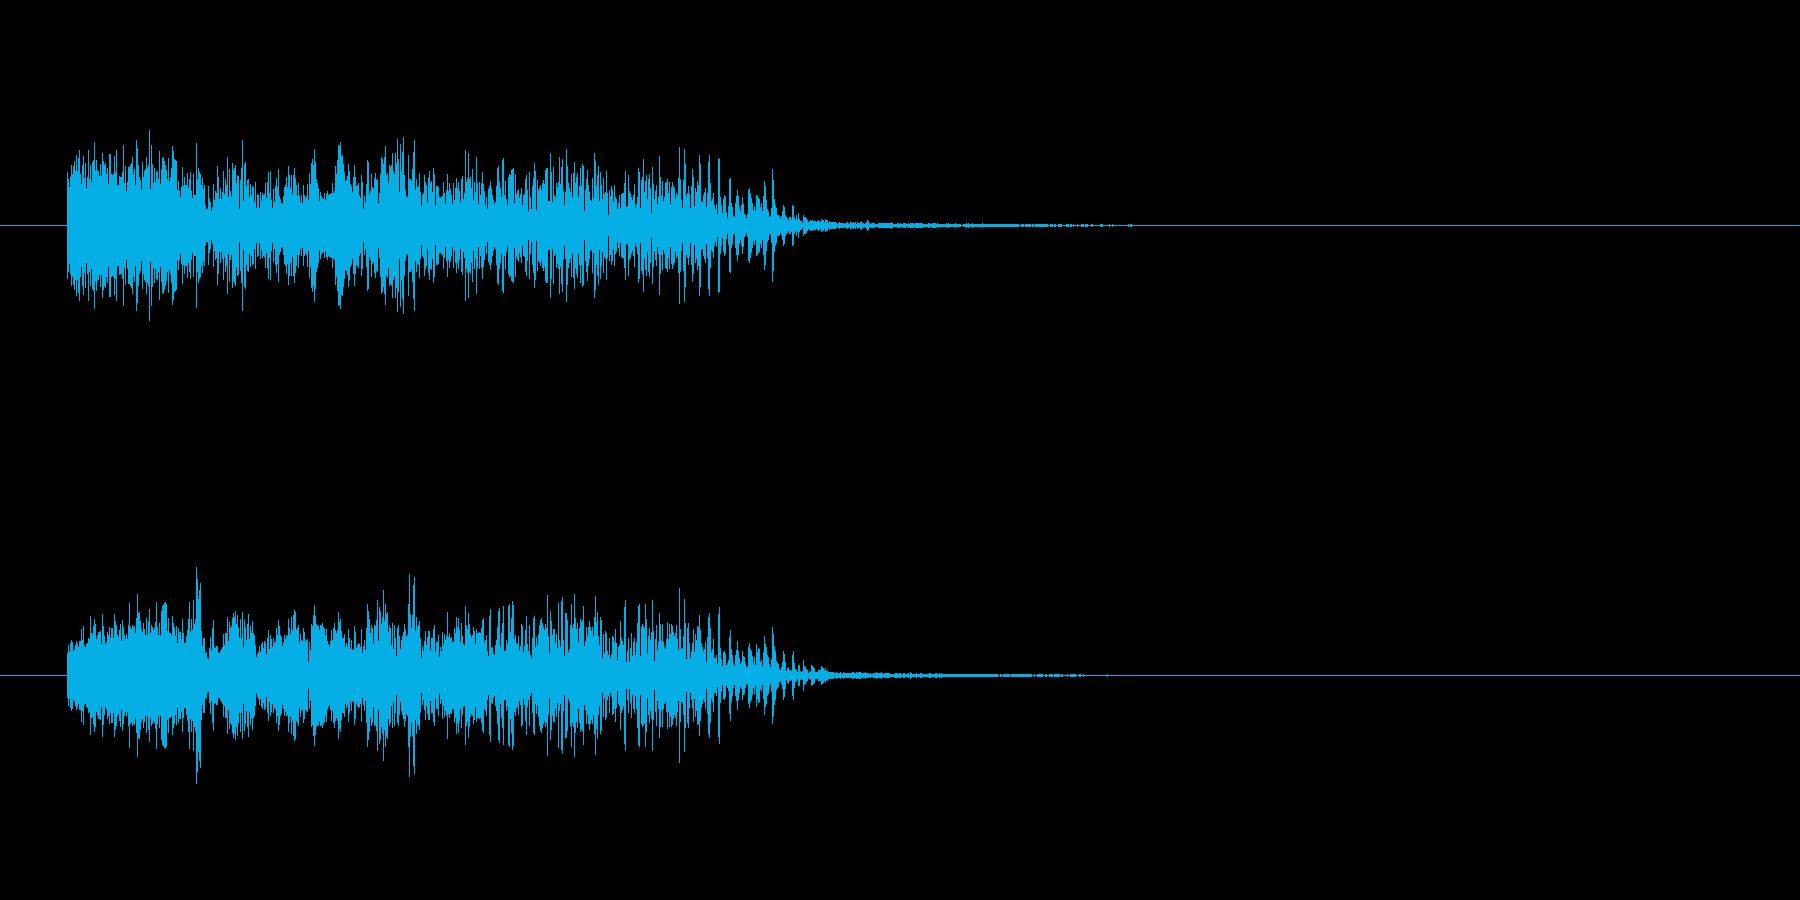 ソイヤー(お祭りなどの掛け声)の再生済みの波形